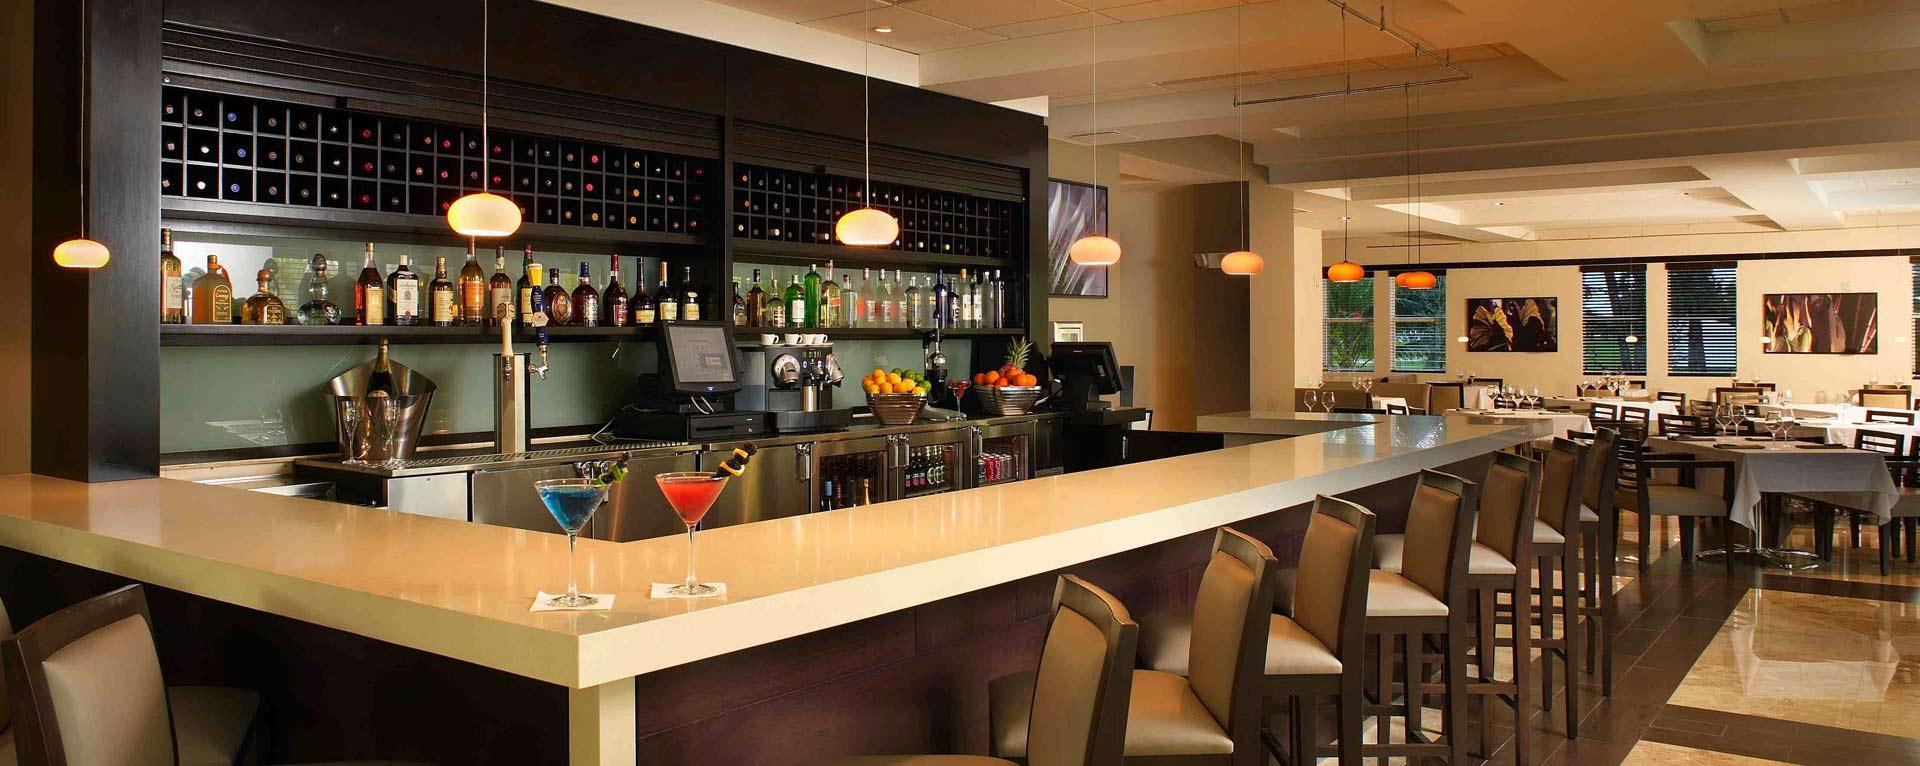 Sacramento Kitchen Countertops Sacramento Granite Countertops Countertopdesigns Net